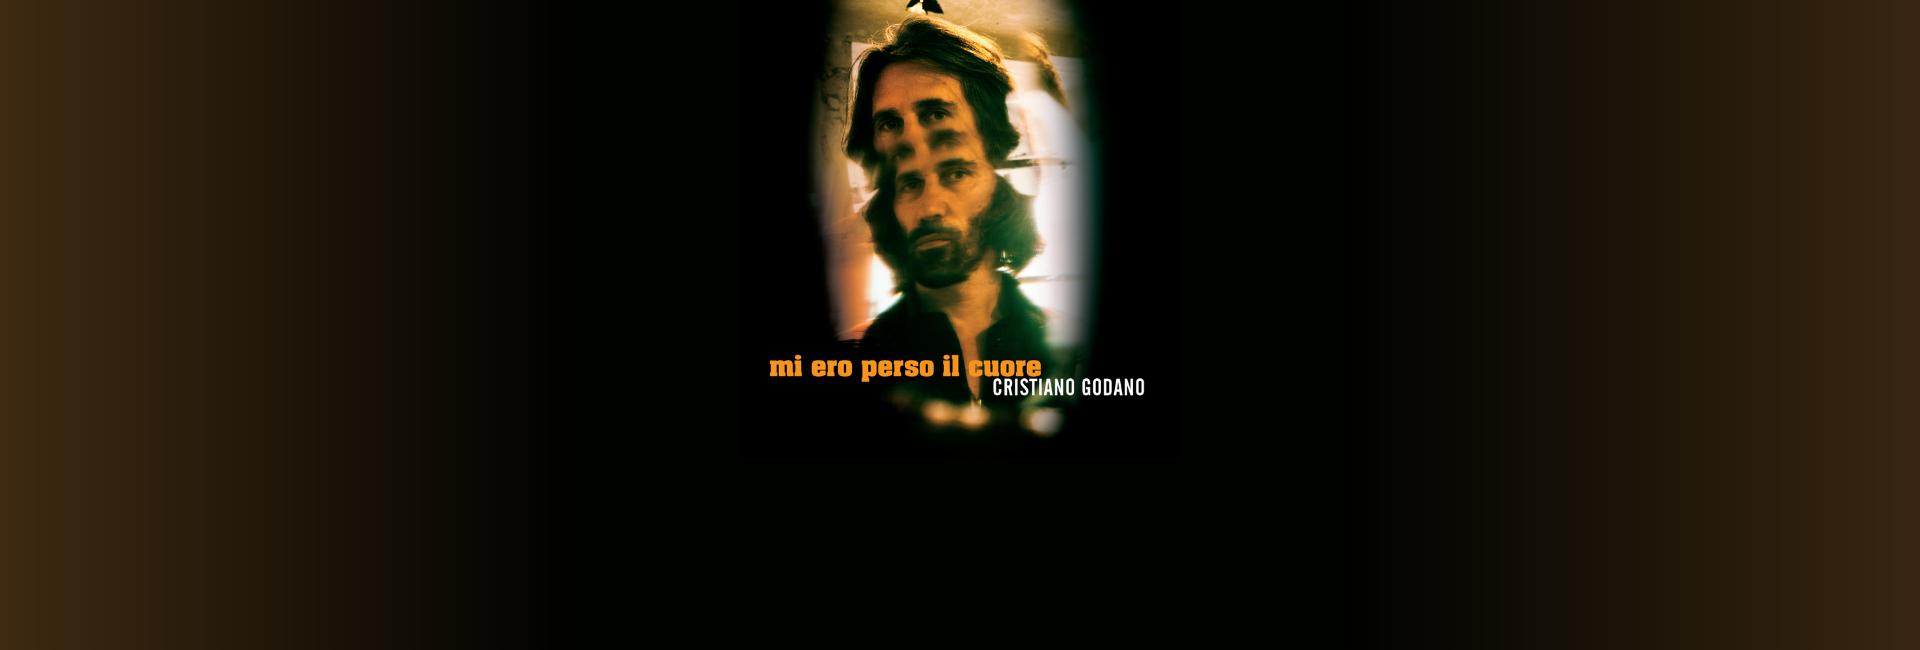 """Cristiano Godano – """"Mi ero perso il cuore"""" Fuori ora l'album d'esordio solista."""